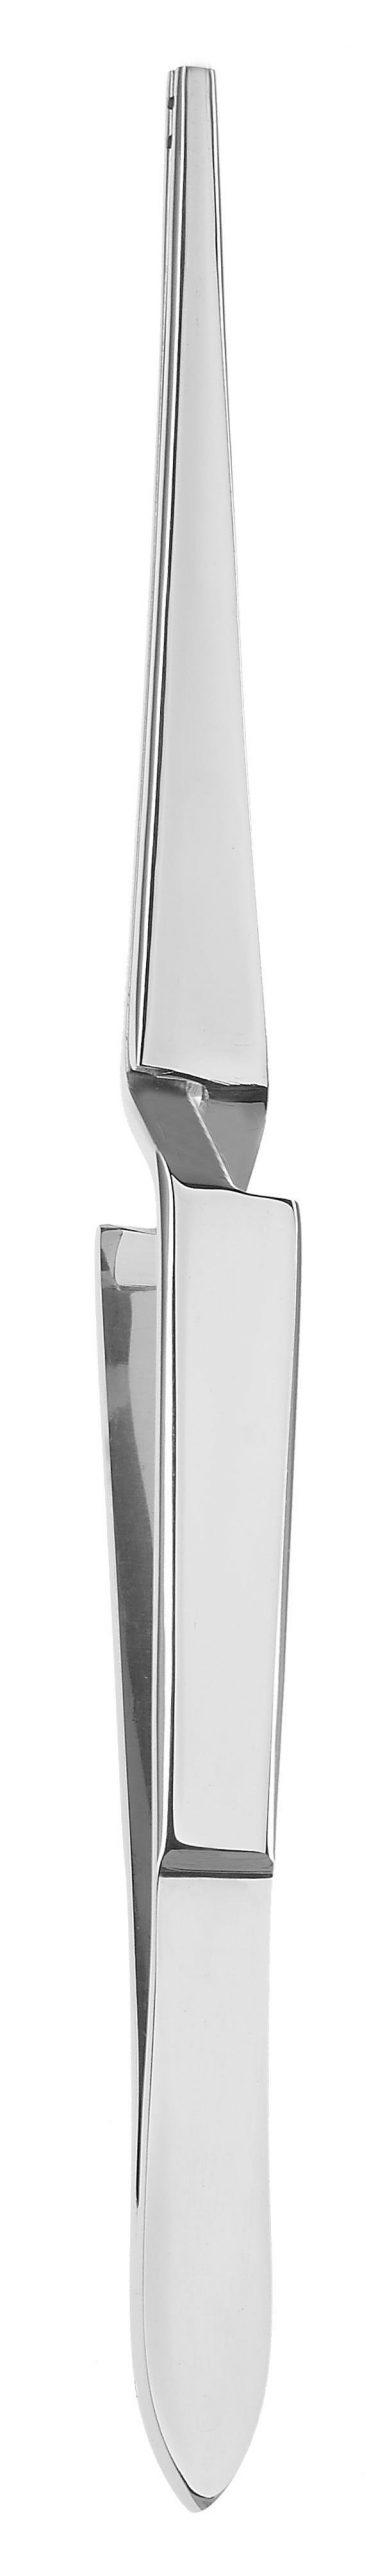 Technische Pinzette -selbsthaltend- 62.175.16zum Preis von 14.88 zzgl. Versand Hersteller : Heiko Wild